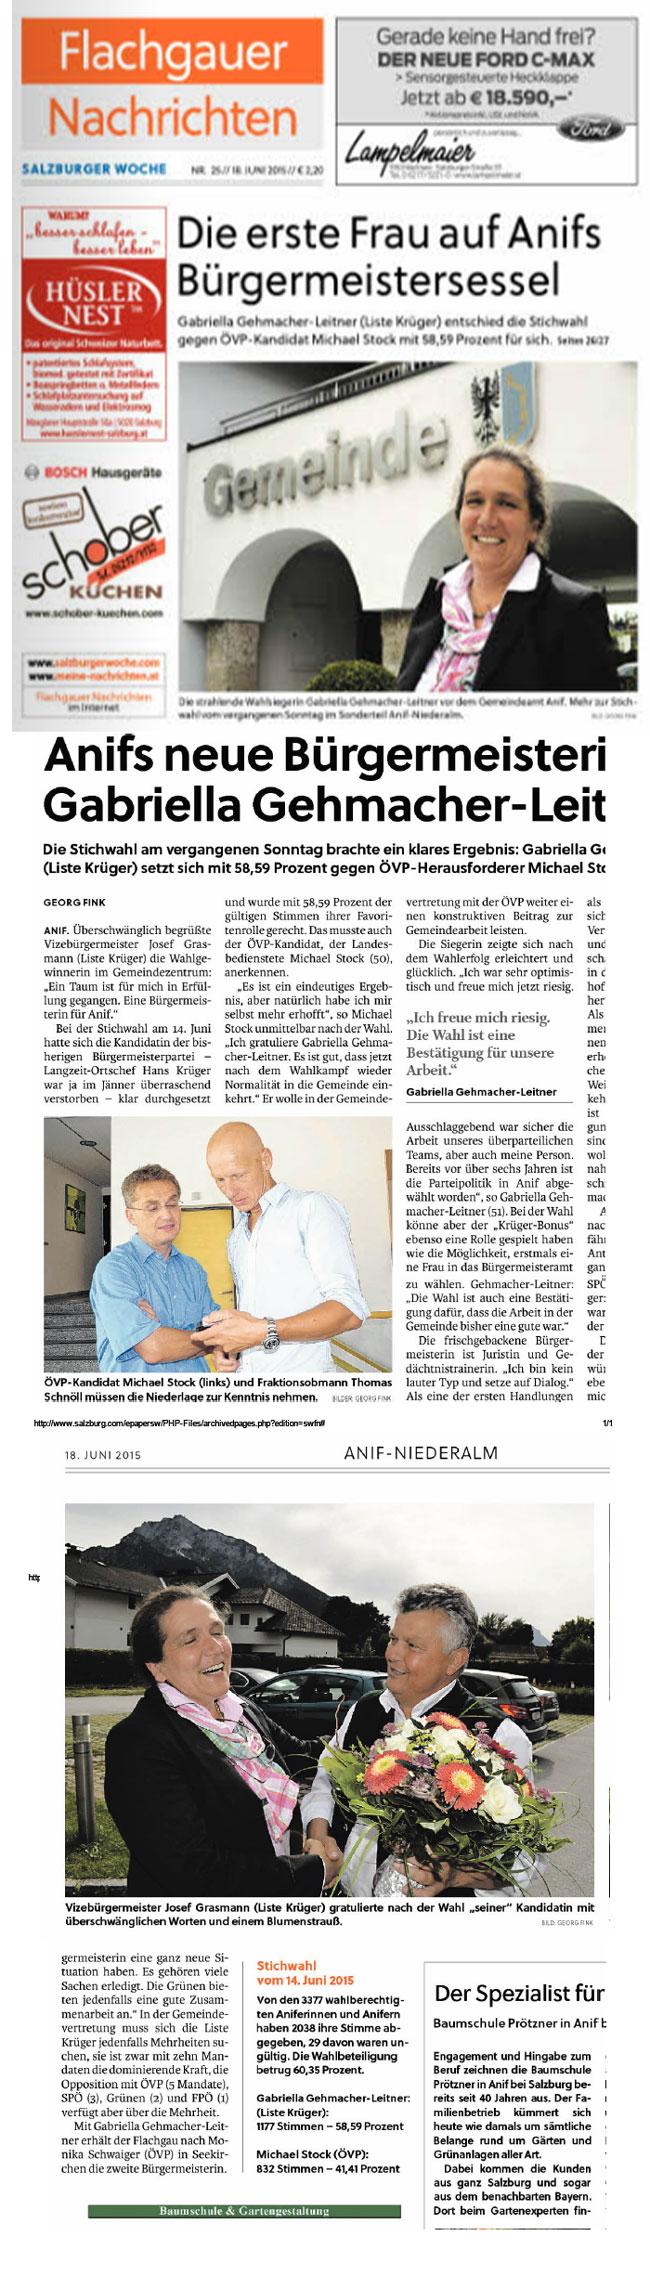 Presse-Flagauer-Nachrichten-20150614